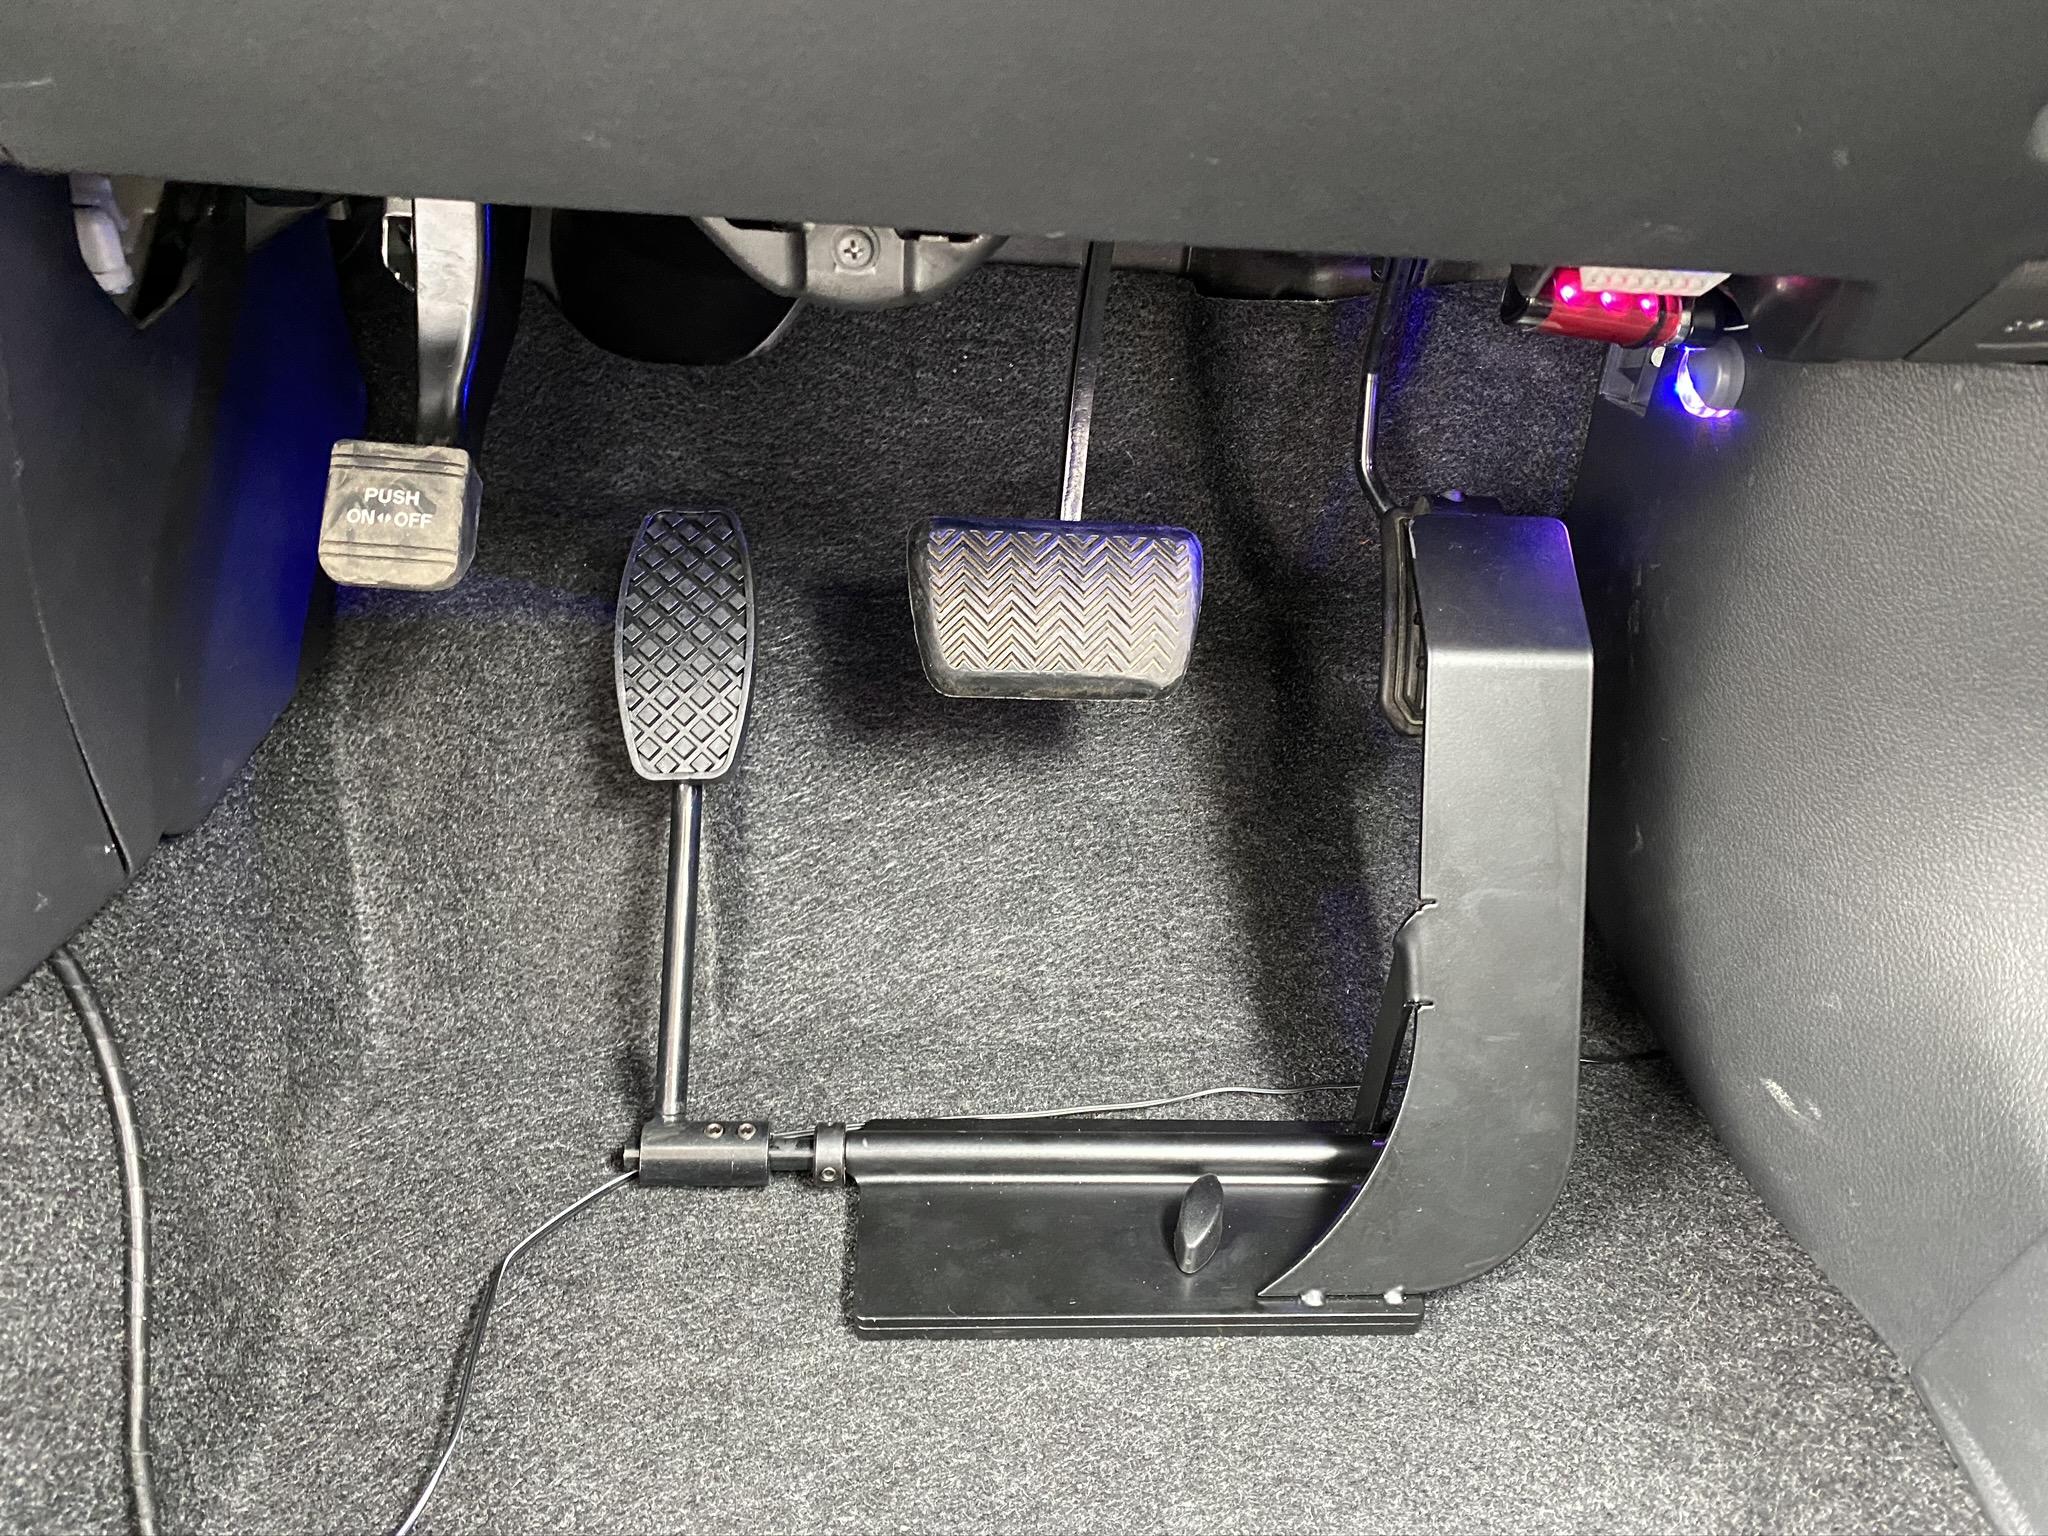 福祉車両改造 トヨタ ウィッシュ 左足アクセル 福祉車両への改造 ④